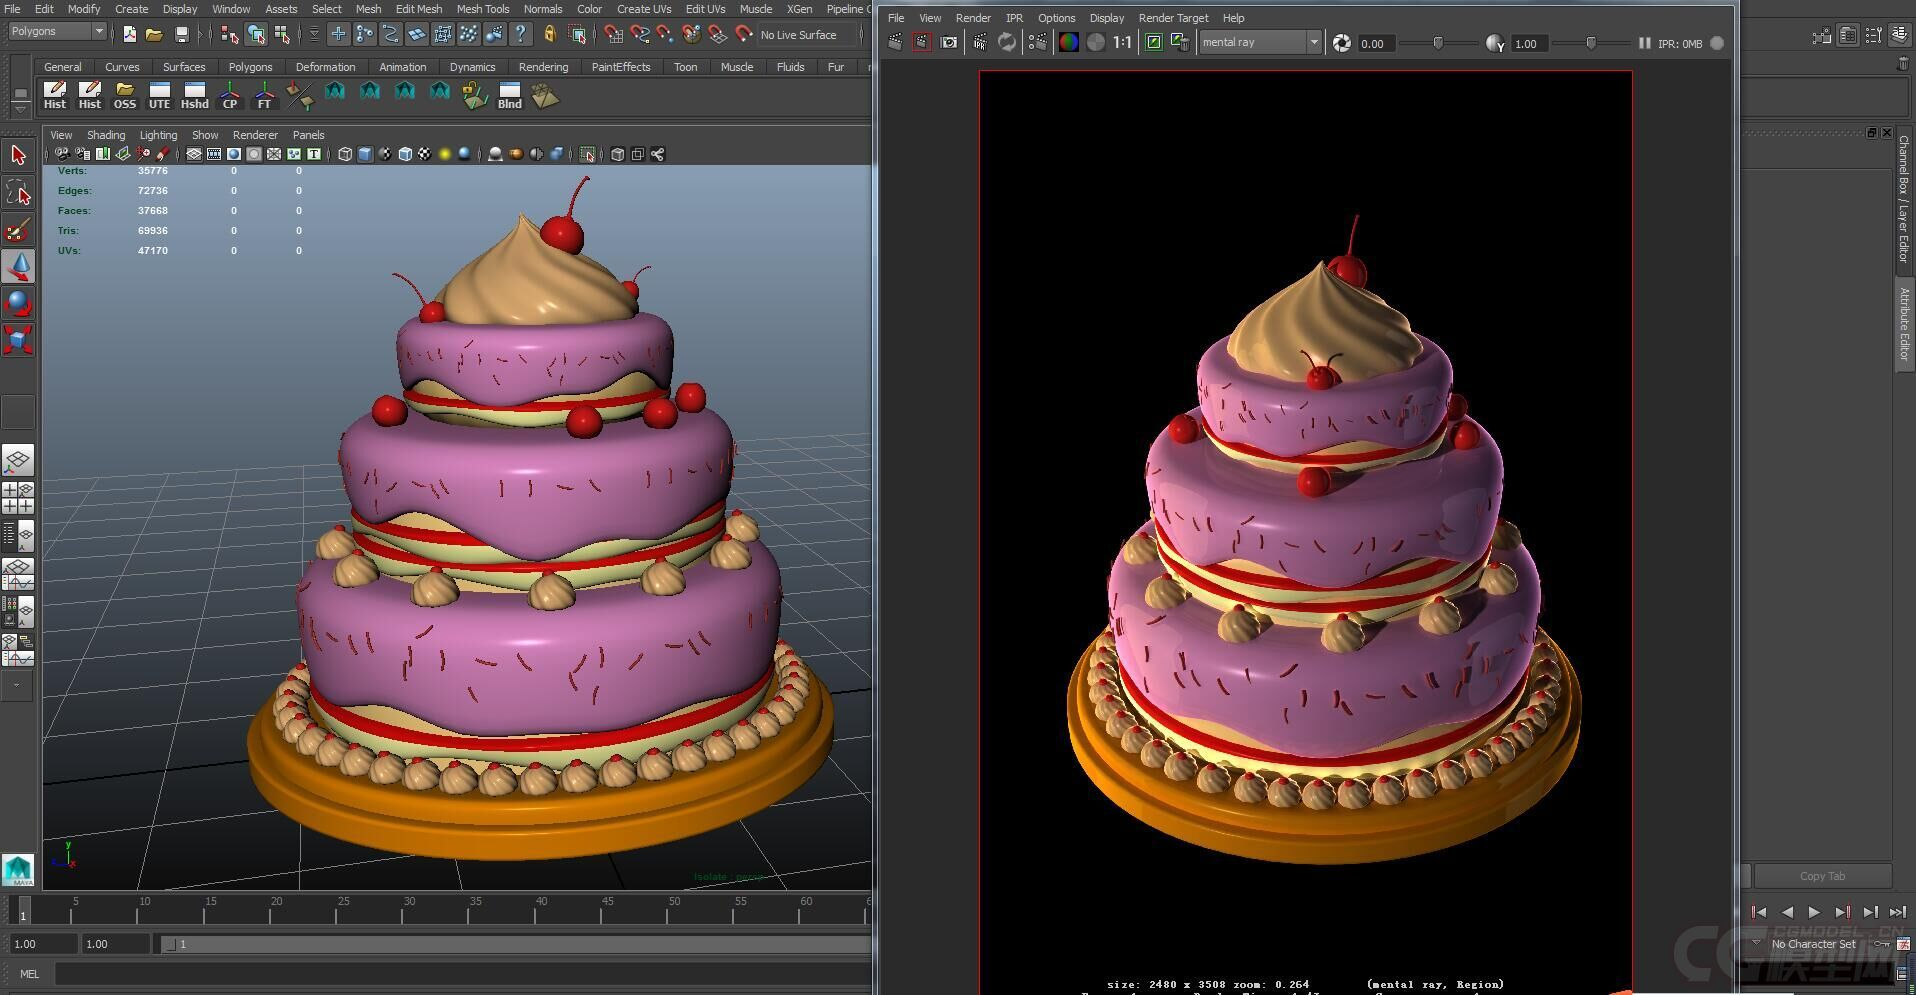 卡通版生日蛋糕_蛋糕 生日蛋糕 Q版蛋糕 卡通蛋糕-CG模型网(cgmodel)-让设计更有价值!